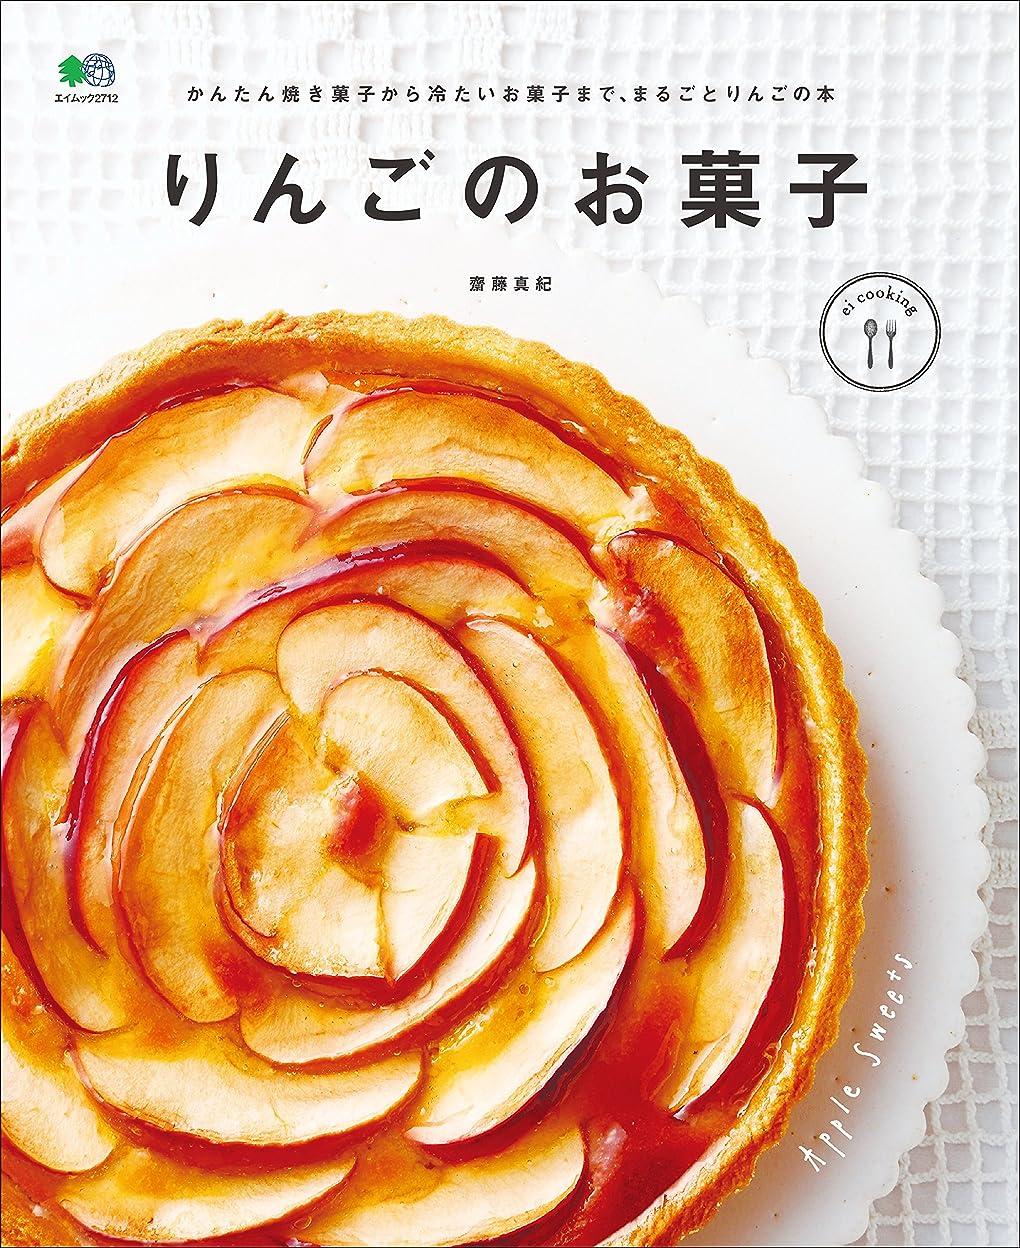 側面厳テレマコスりんごのお菓子[雑誌] ei cooking